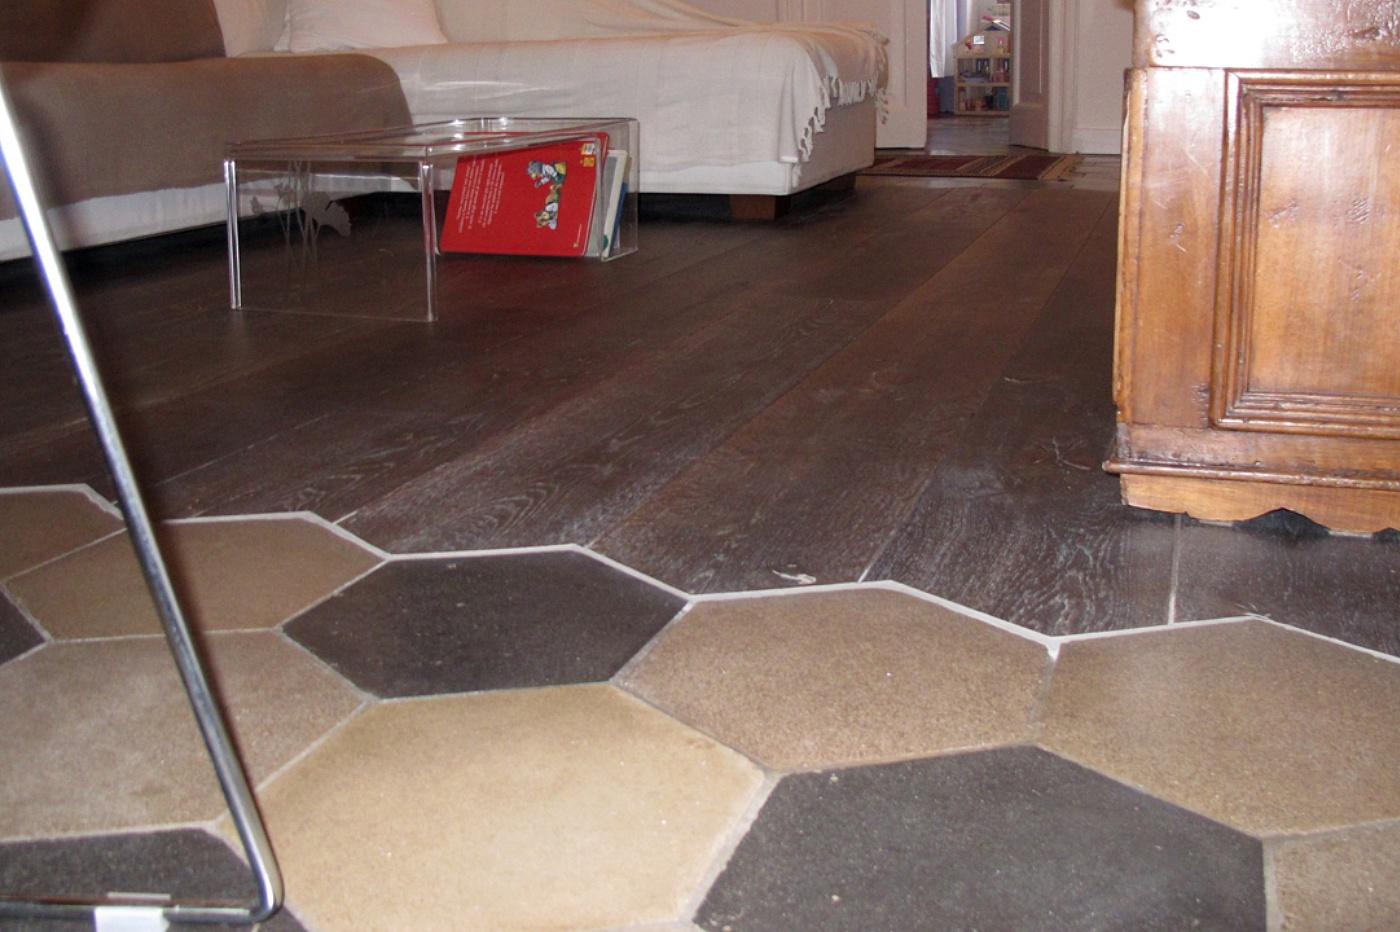 Floor treatment pavimento in cementine liberty - Parquet per cucina e bagno ...